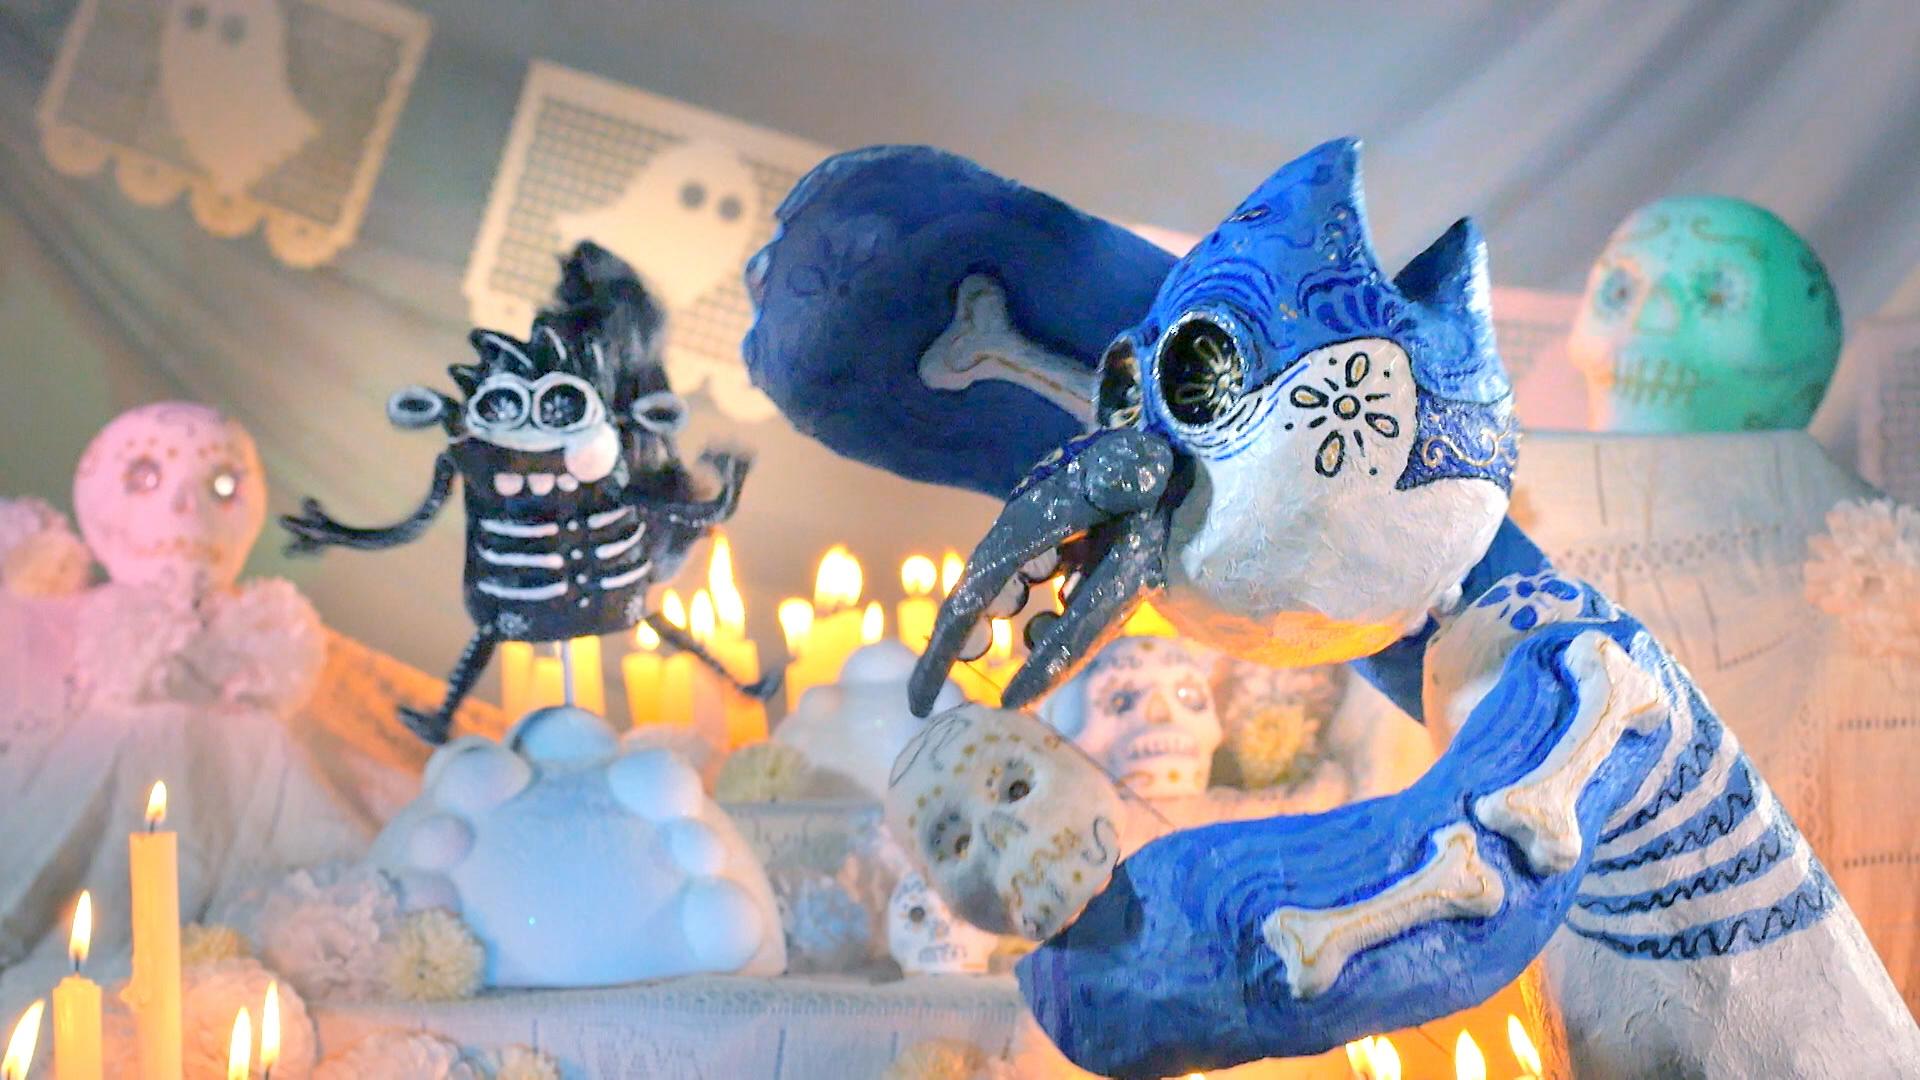 ¡Rigby y Mordecai bailando y comiendo calaveritas de azúcar!